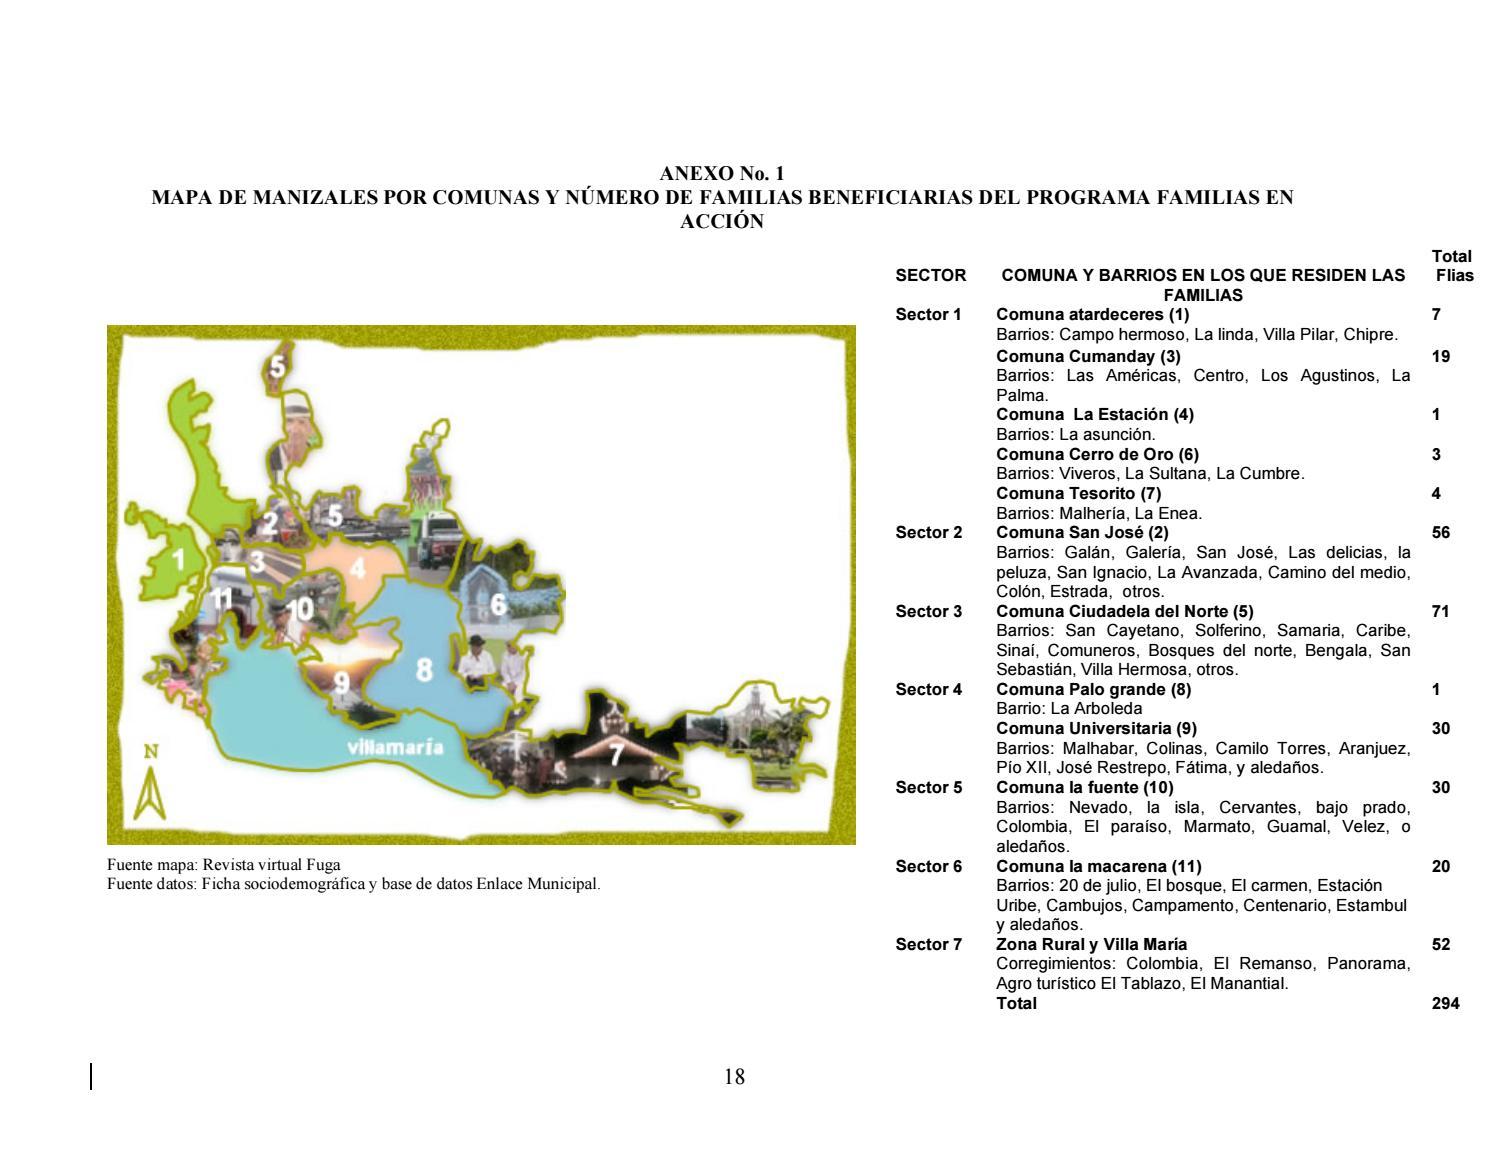 mapa de las comunas de manizales